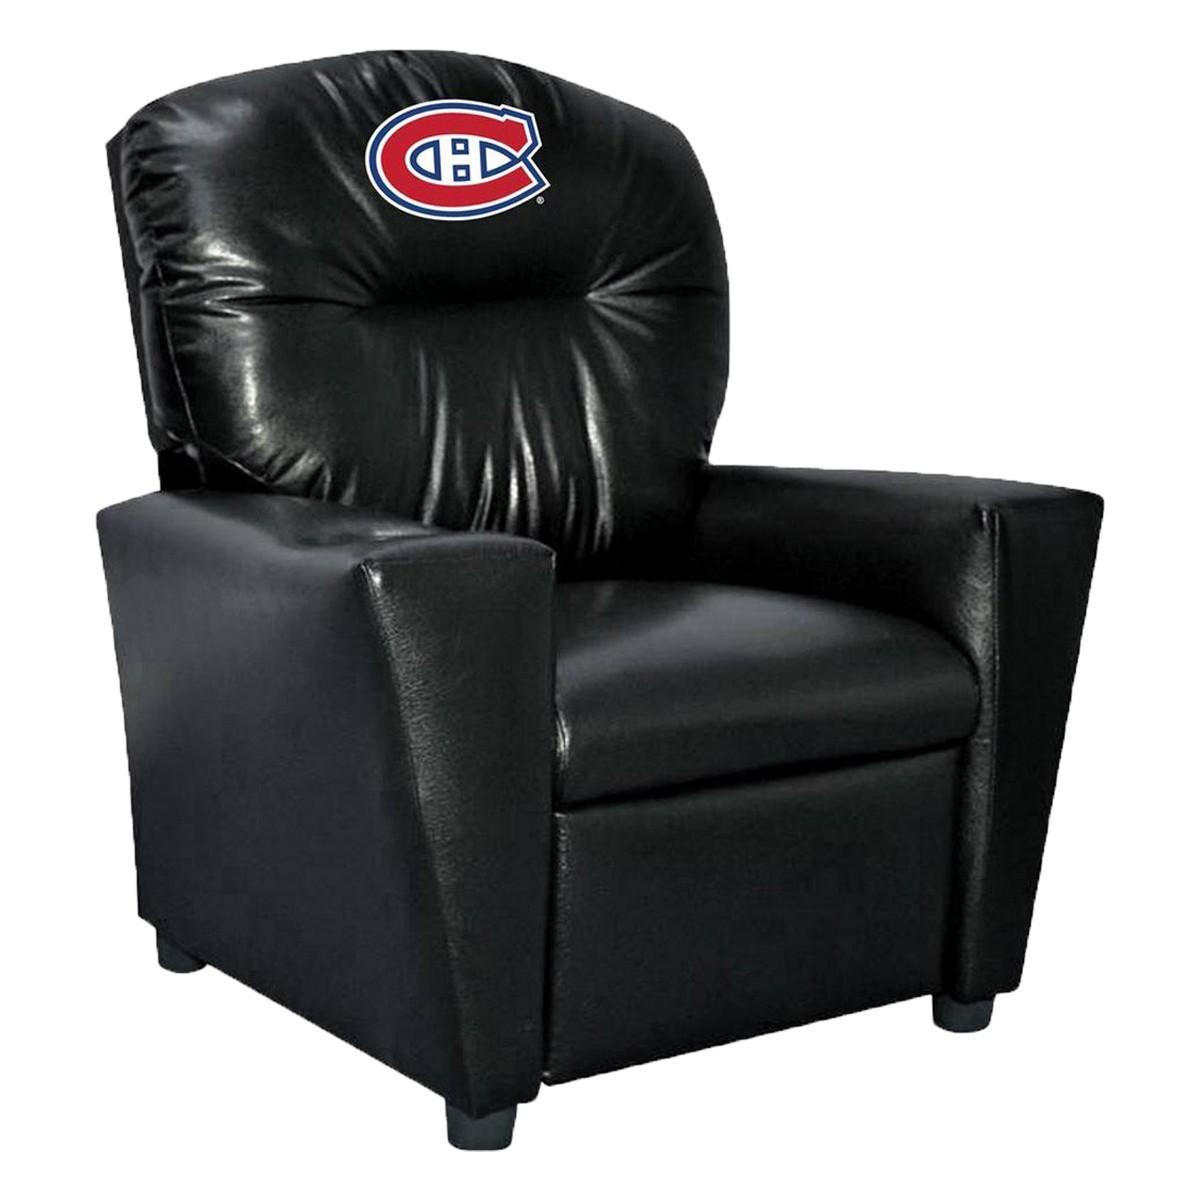 Montréal Canadiens Fauteuil inclinable en similicuir pour enfant